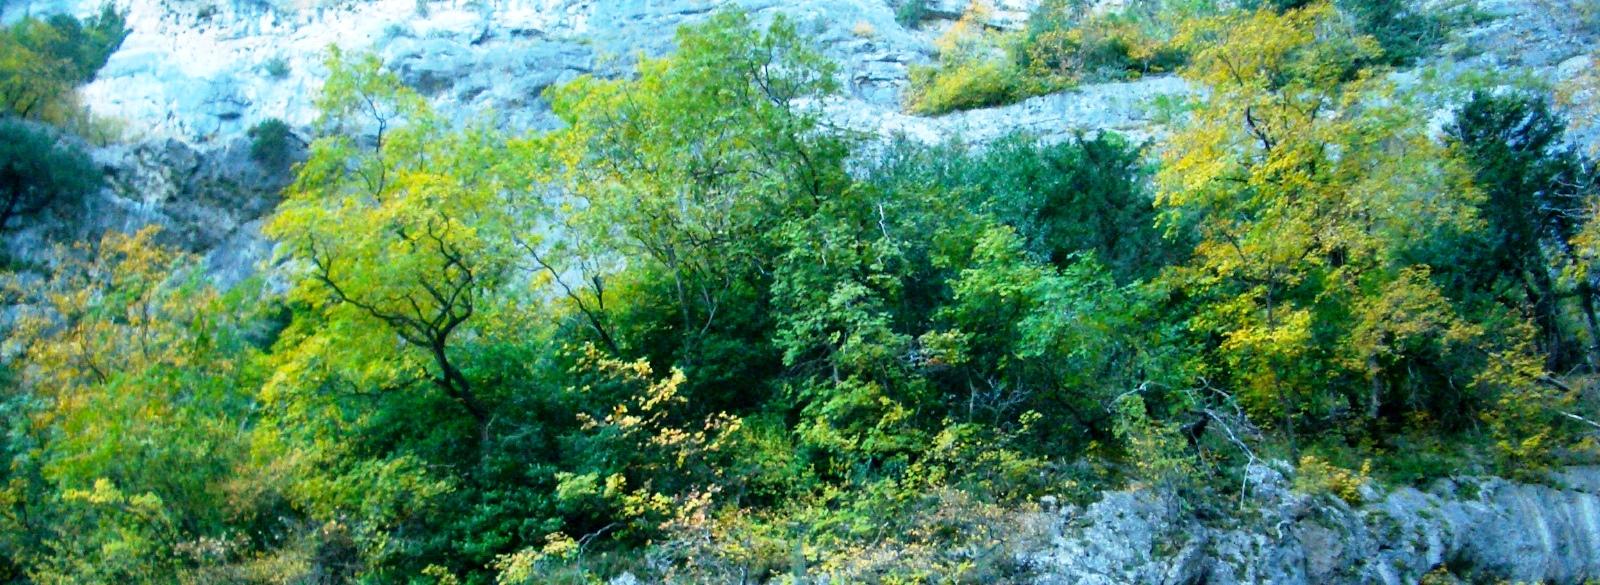 Vegetación encaramada en los estratos rocosos